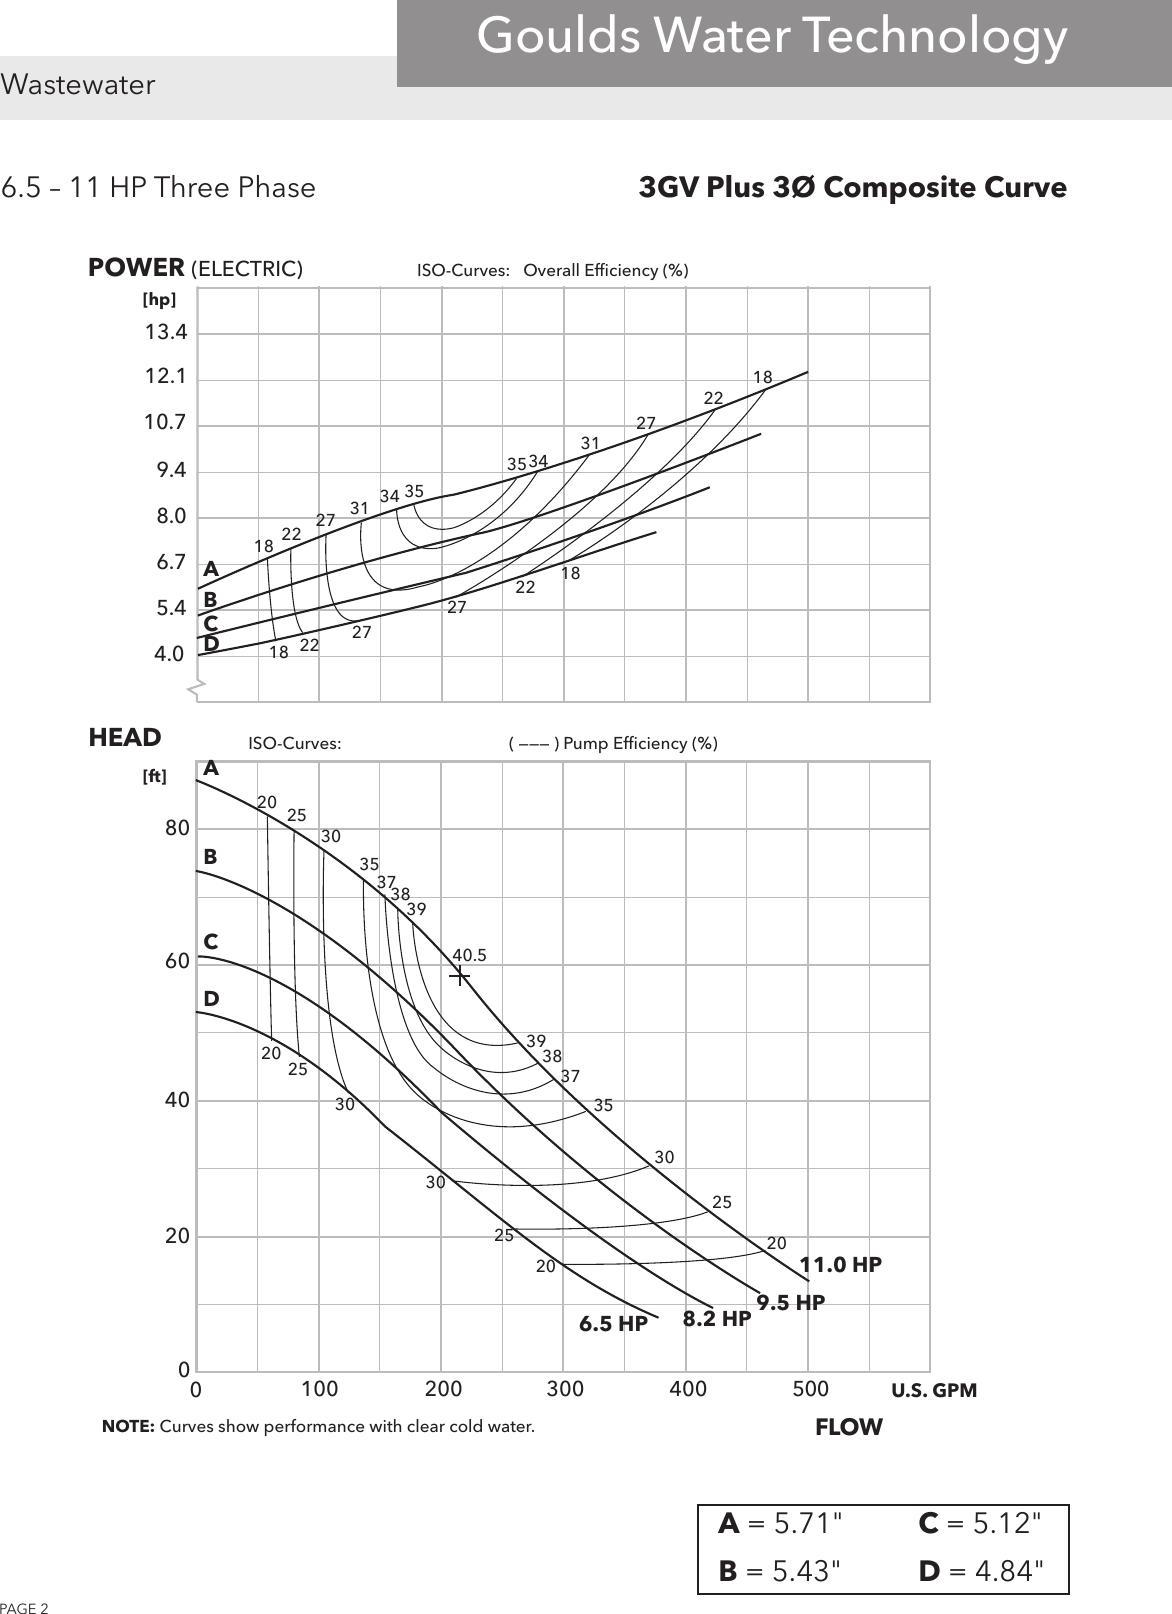 542125 4 Goulds 3GV Plus Curves